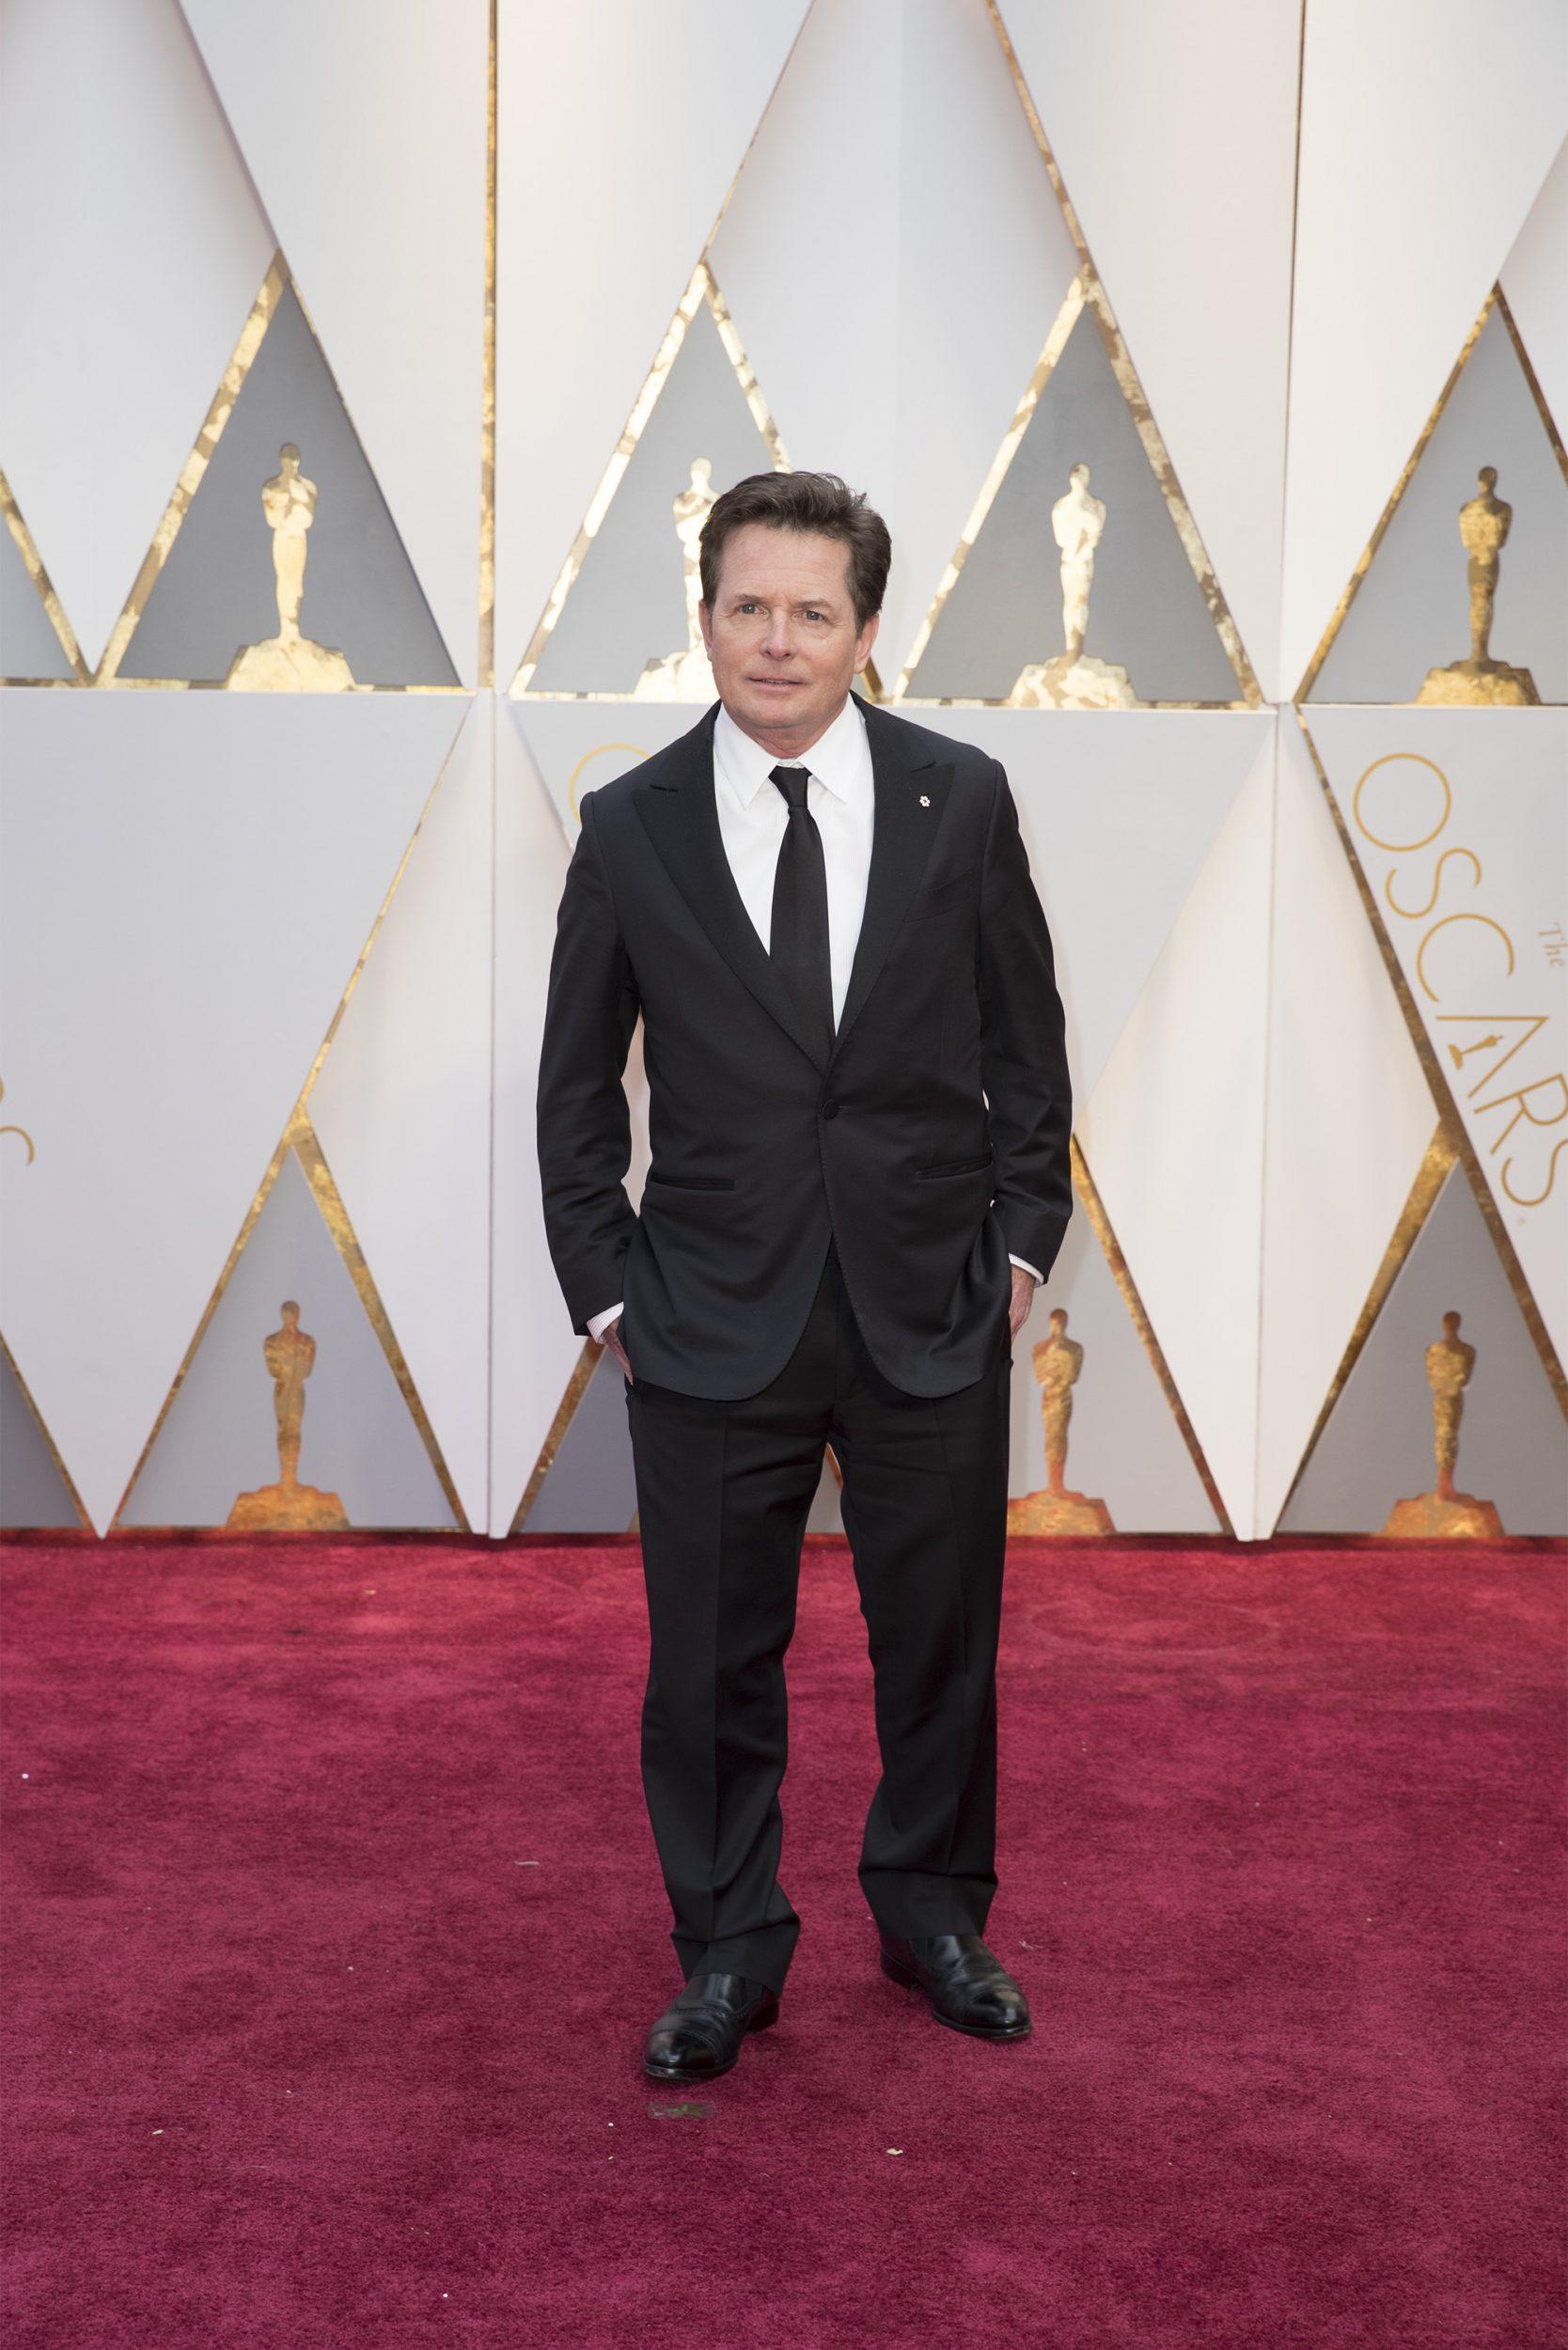 THE OSCARS(r) - The 89th Oscars(r)  broadcasts live on Oscar(r) SUNDAY, FEBRUARY 26, 2017, on the ABC Television Network. (ABC/Tyler Golden) MICHAEL J. FOX